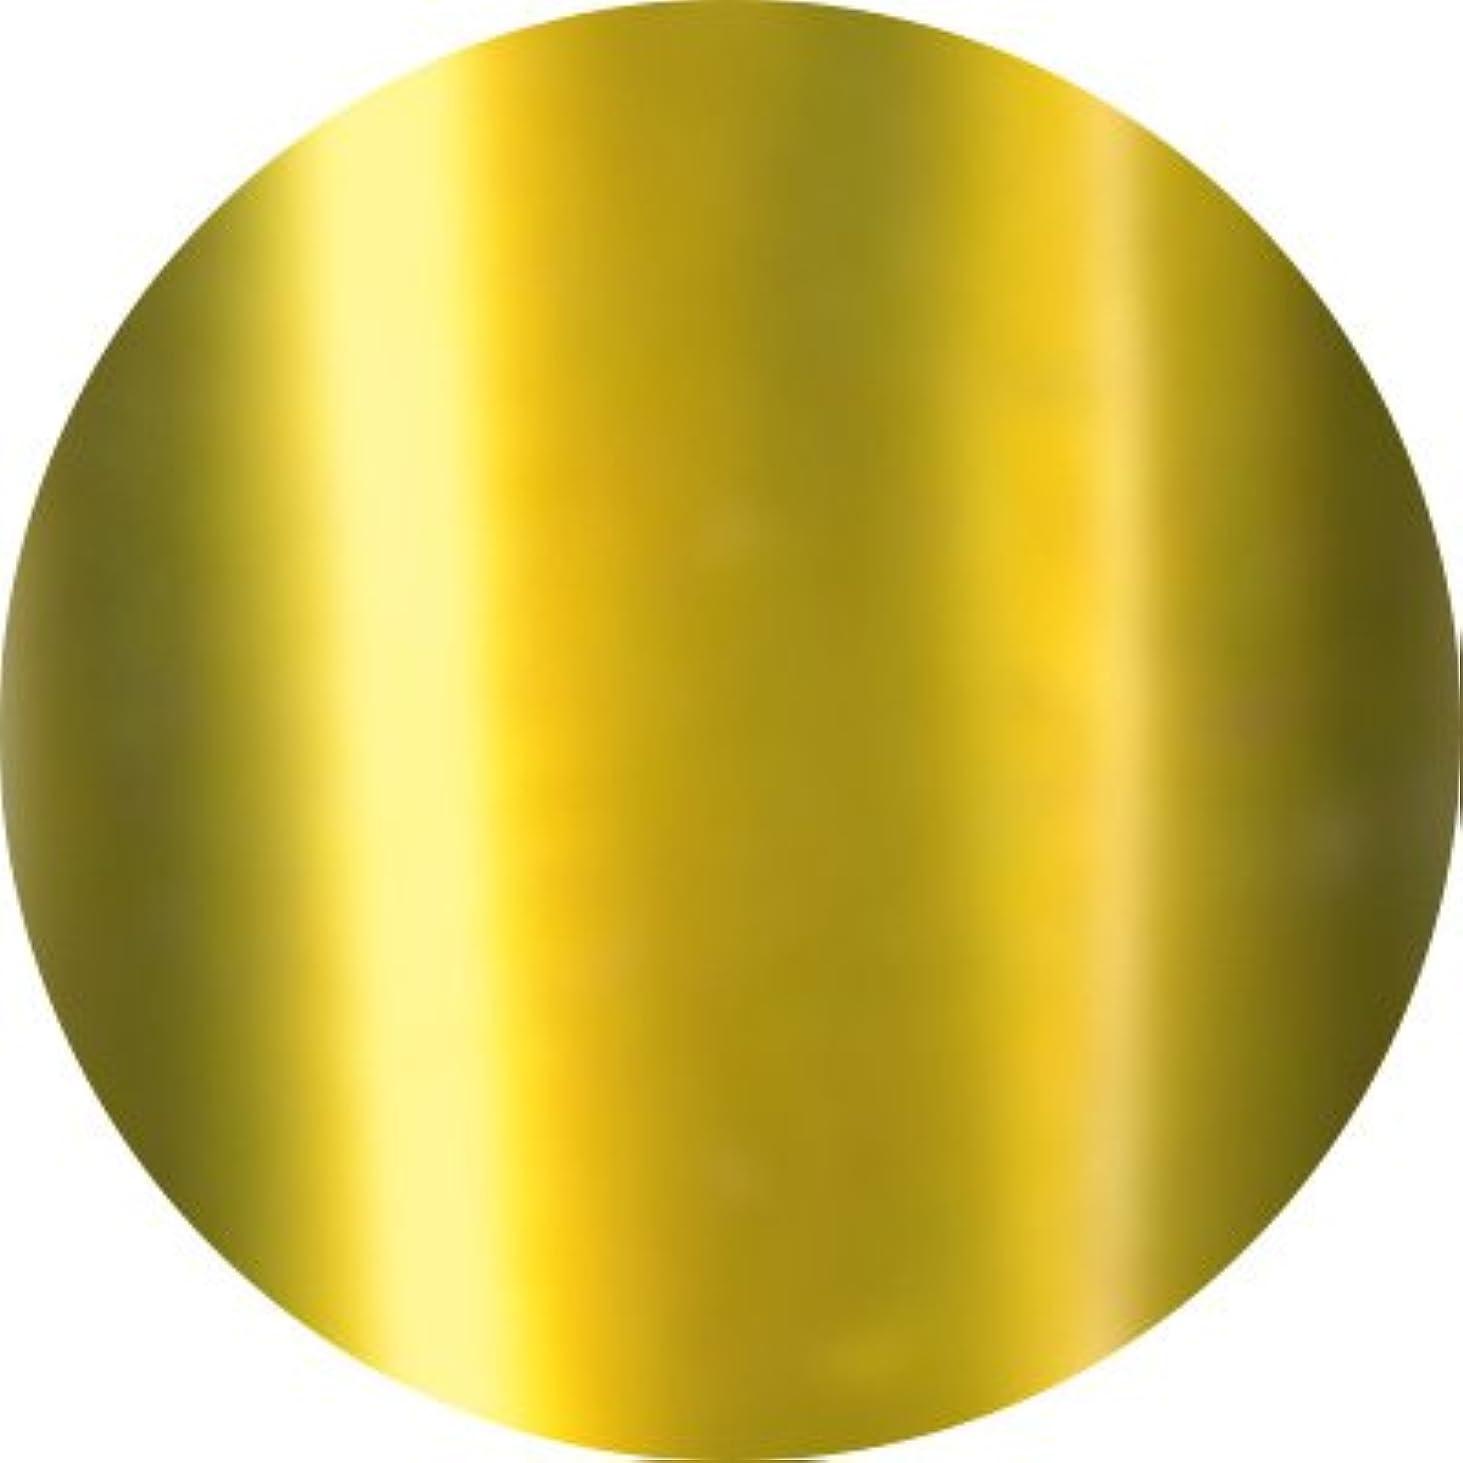 サミットボンドシミュレートするJewelry jel(ジュエリージェル) カラージェル 5ml<BR>ピッカピカメタリック MKゴールド